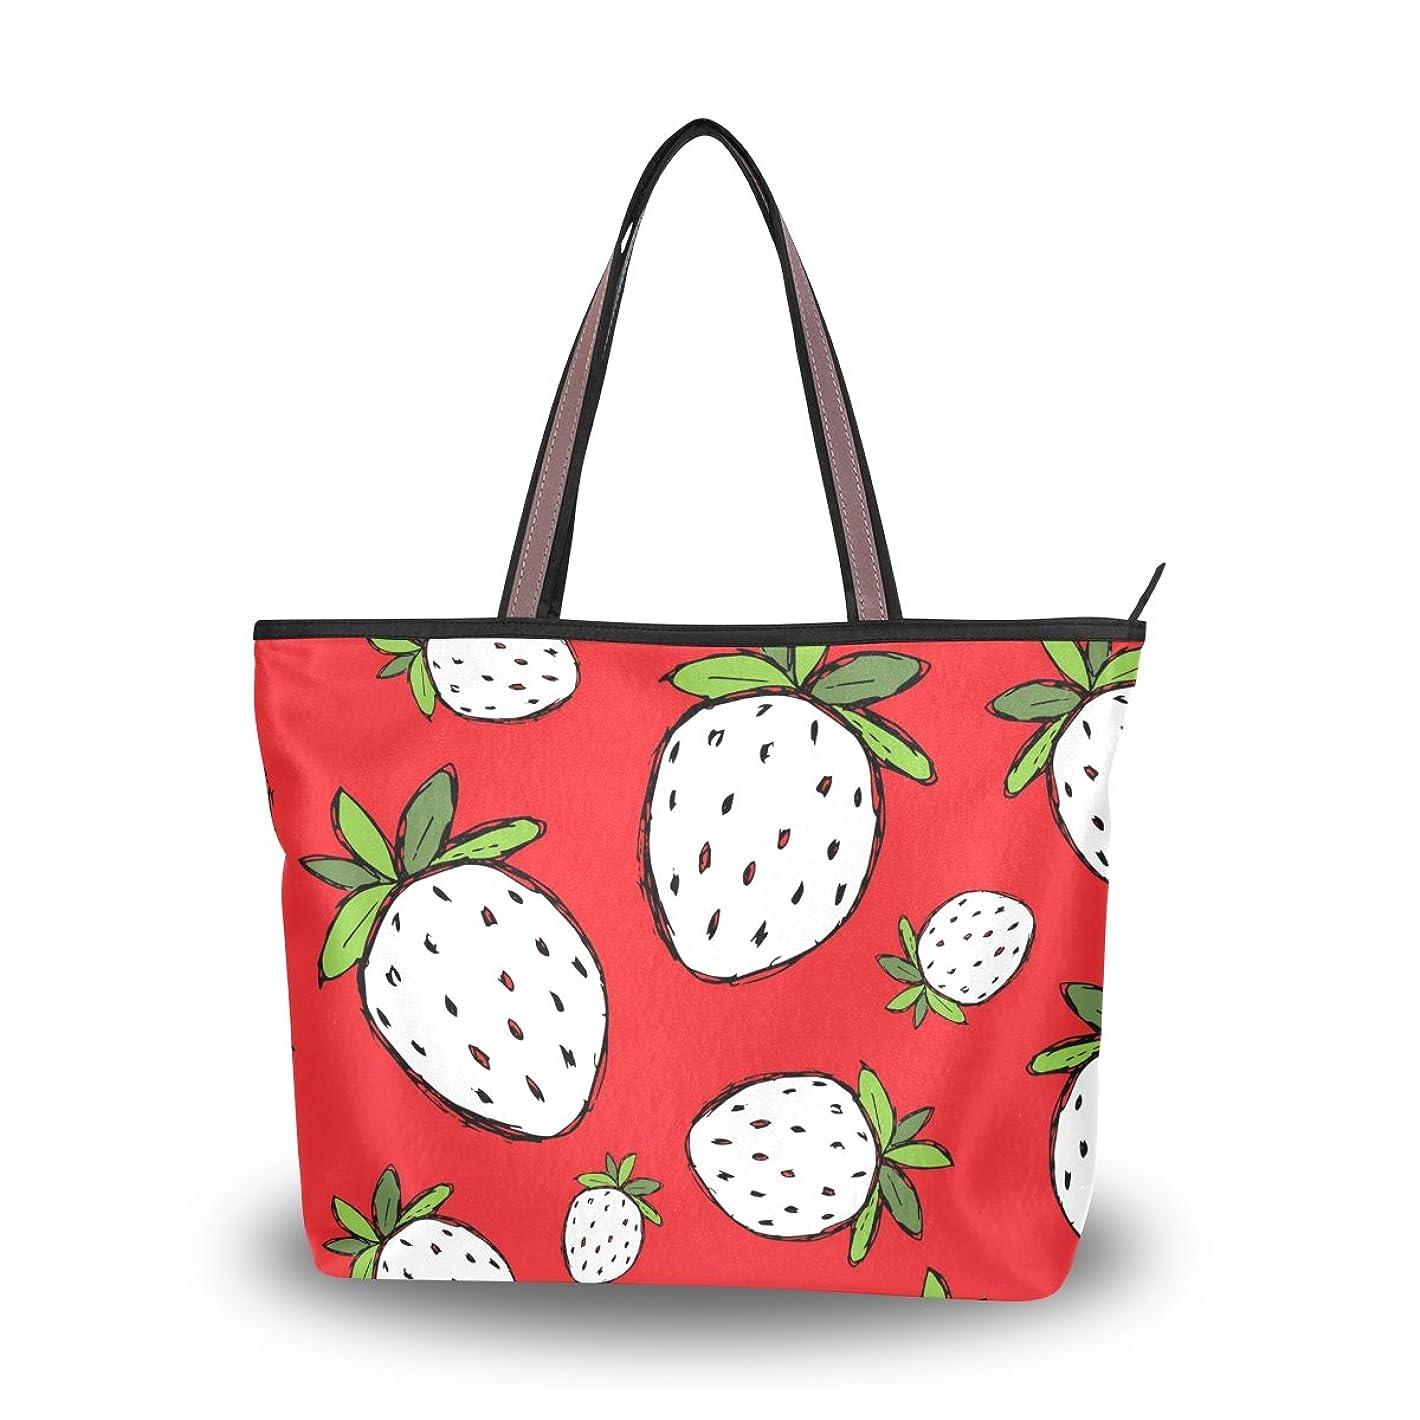 異形符号パフバララ (La Rose) トートバッグ レディース 大容量 通勤 通学 軽い 布 肩掛け a4 かわいい イチゴ 苺 赤い 果物柄 ハンドバッグ 高校生 キャンバス ファスナー 2way 手提げバッグ プレゼント対応